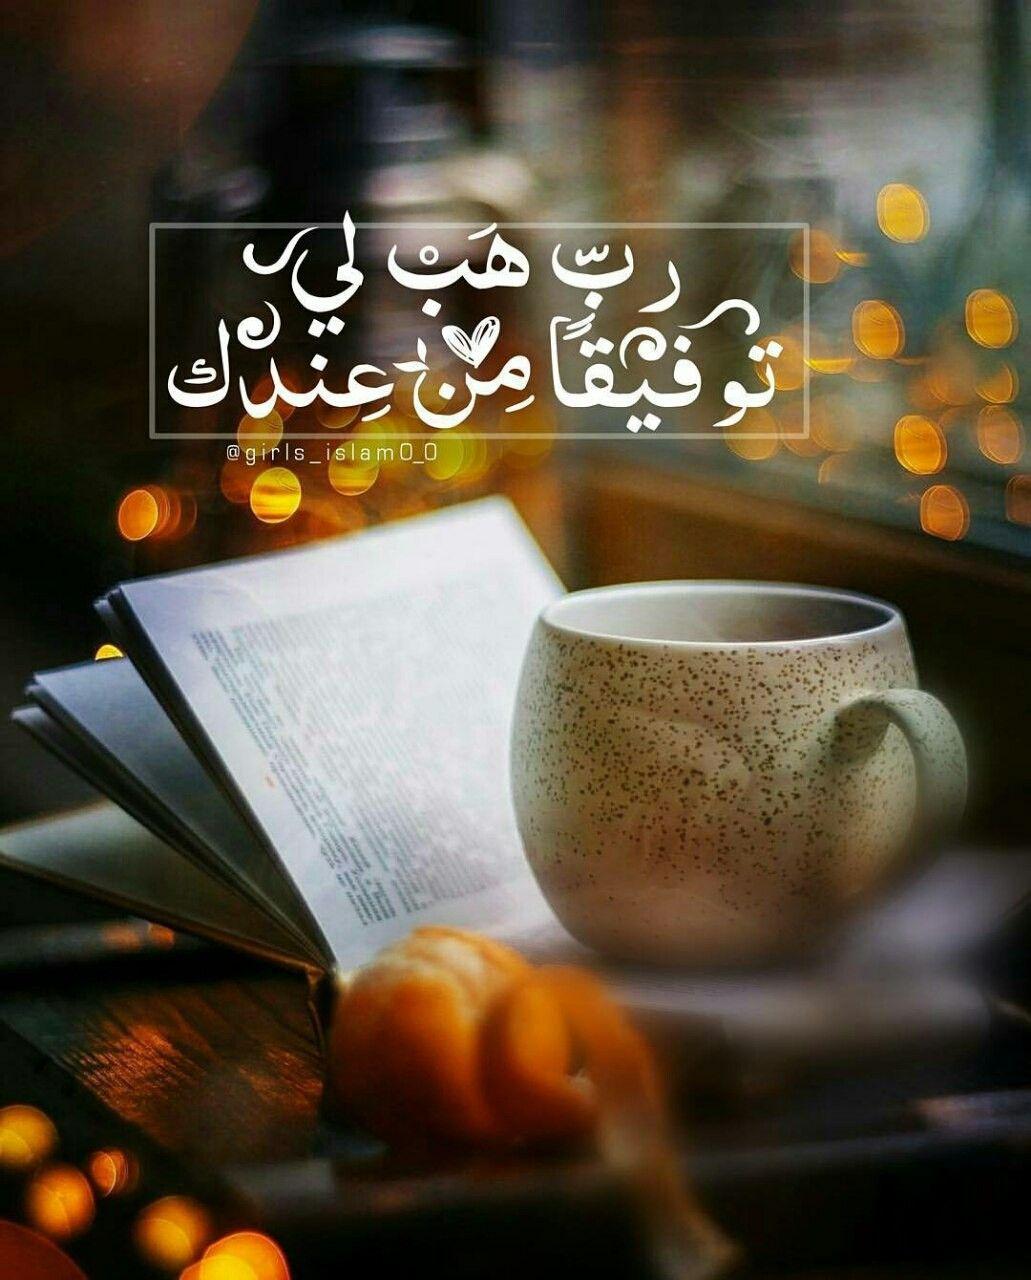 صباح الخير والبركة😘🌹 | همسات | Islamic quotes, Arabic